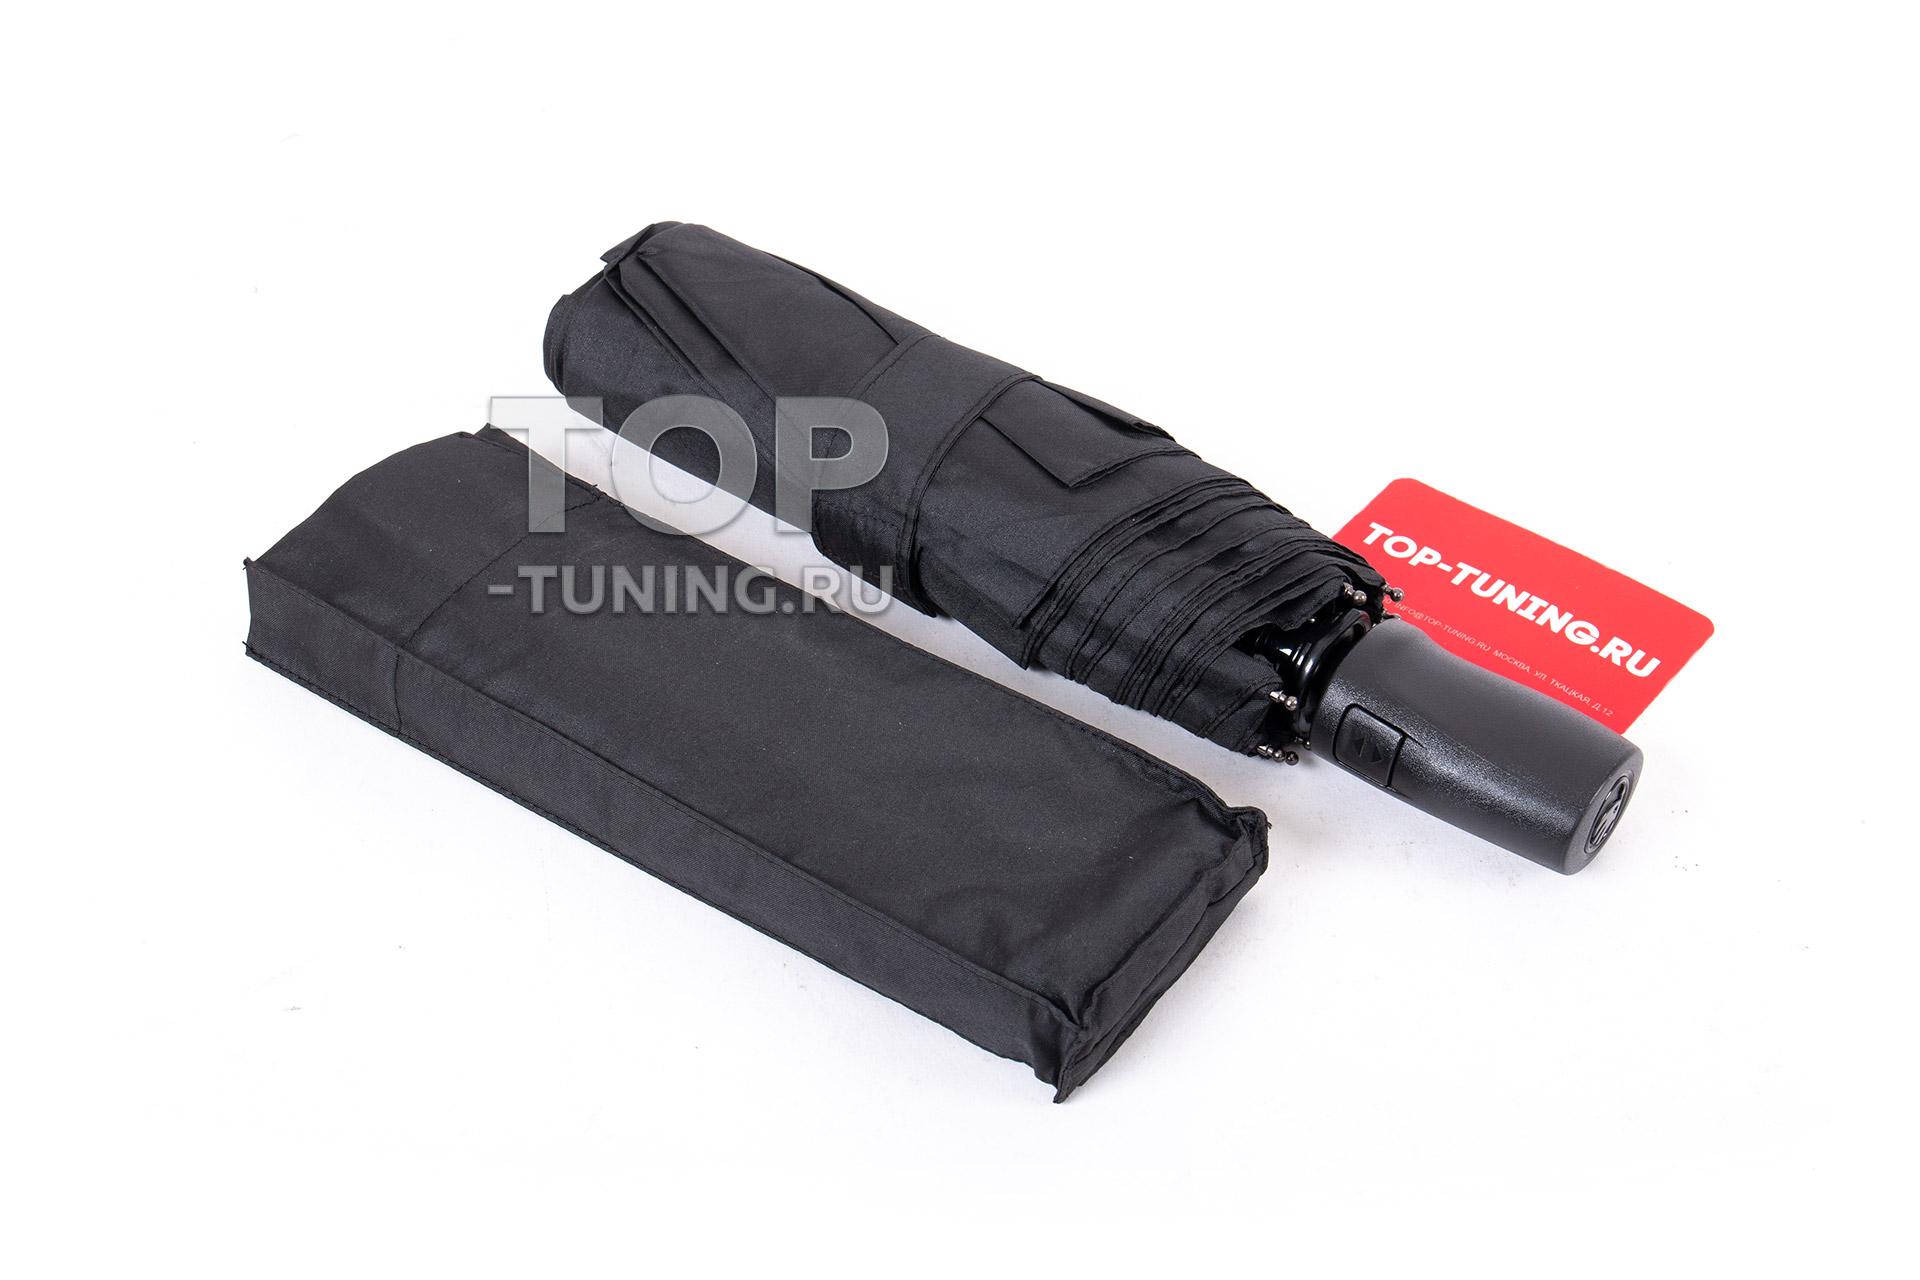 10009 Оригинальный зонт для KODIAQ и SUPERB